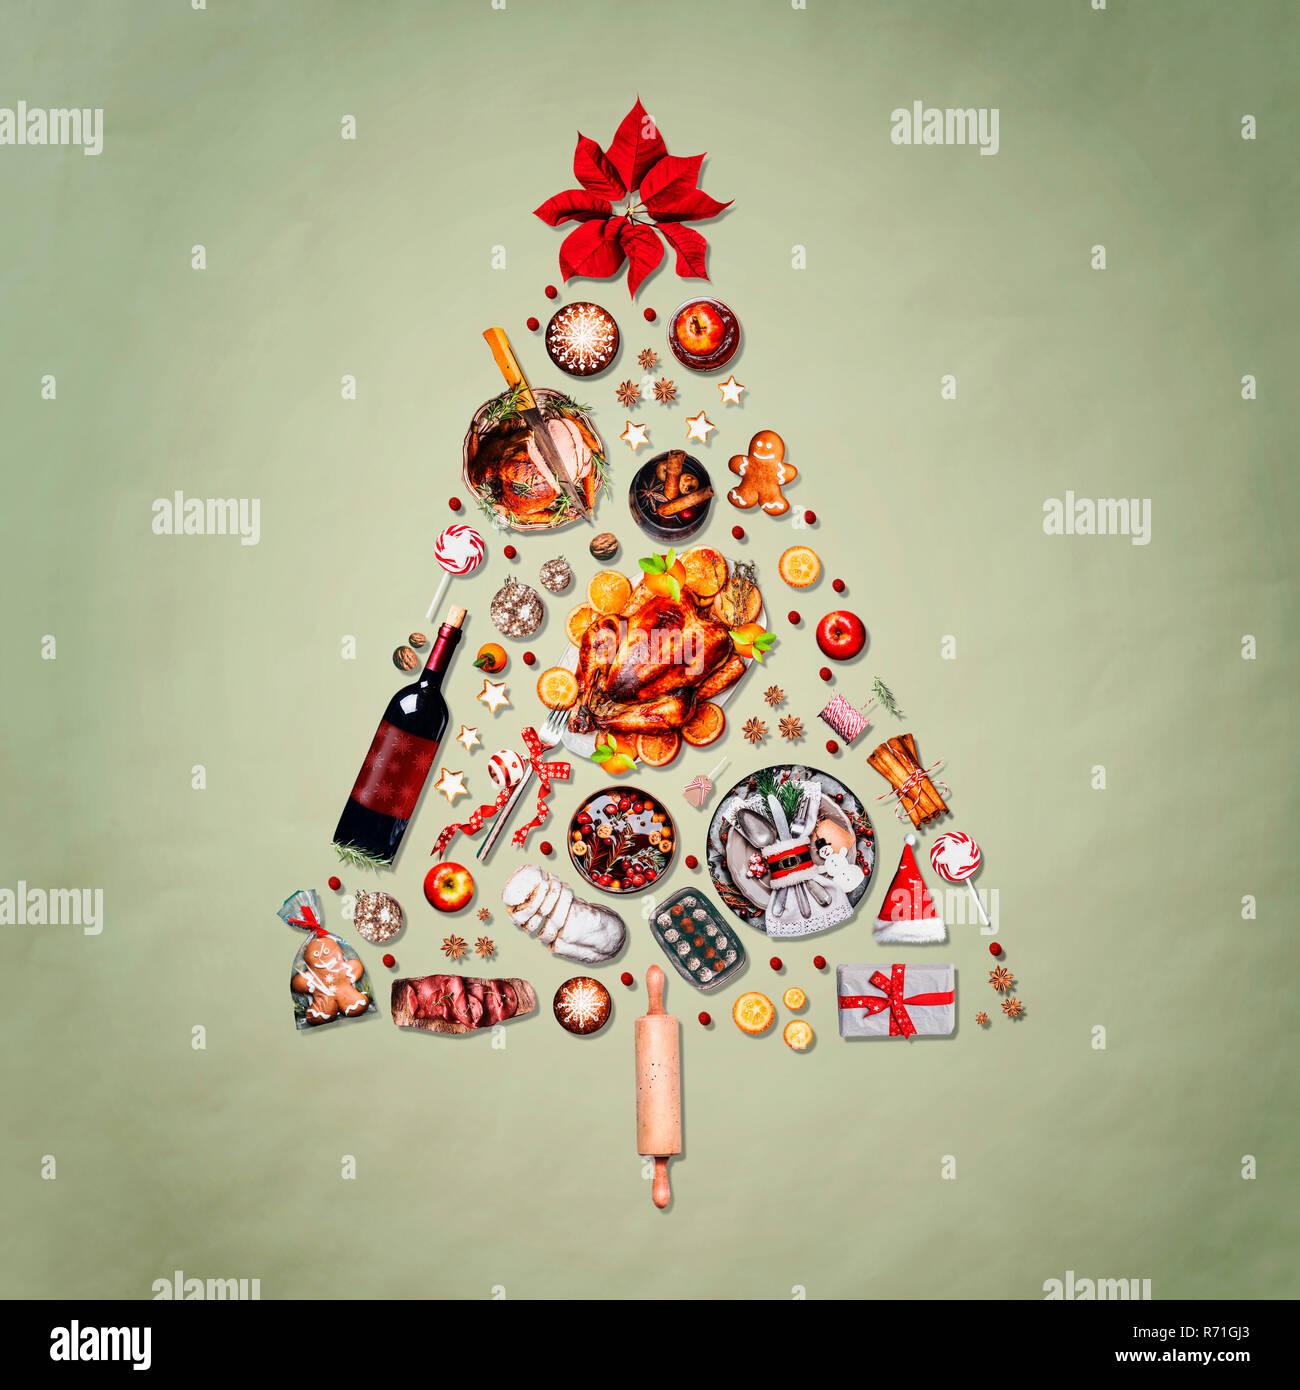 Albero Di Natale Fatto Con I Biscotti.Albero Di Natale Fatto Con Vari Cibi Di Natale Turchia Sul Piatto